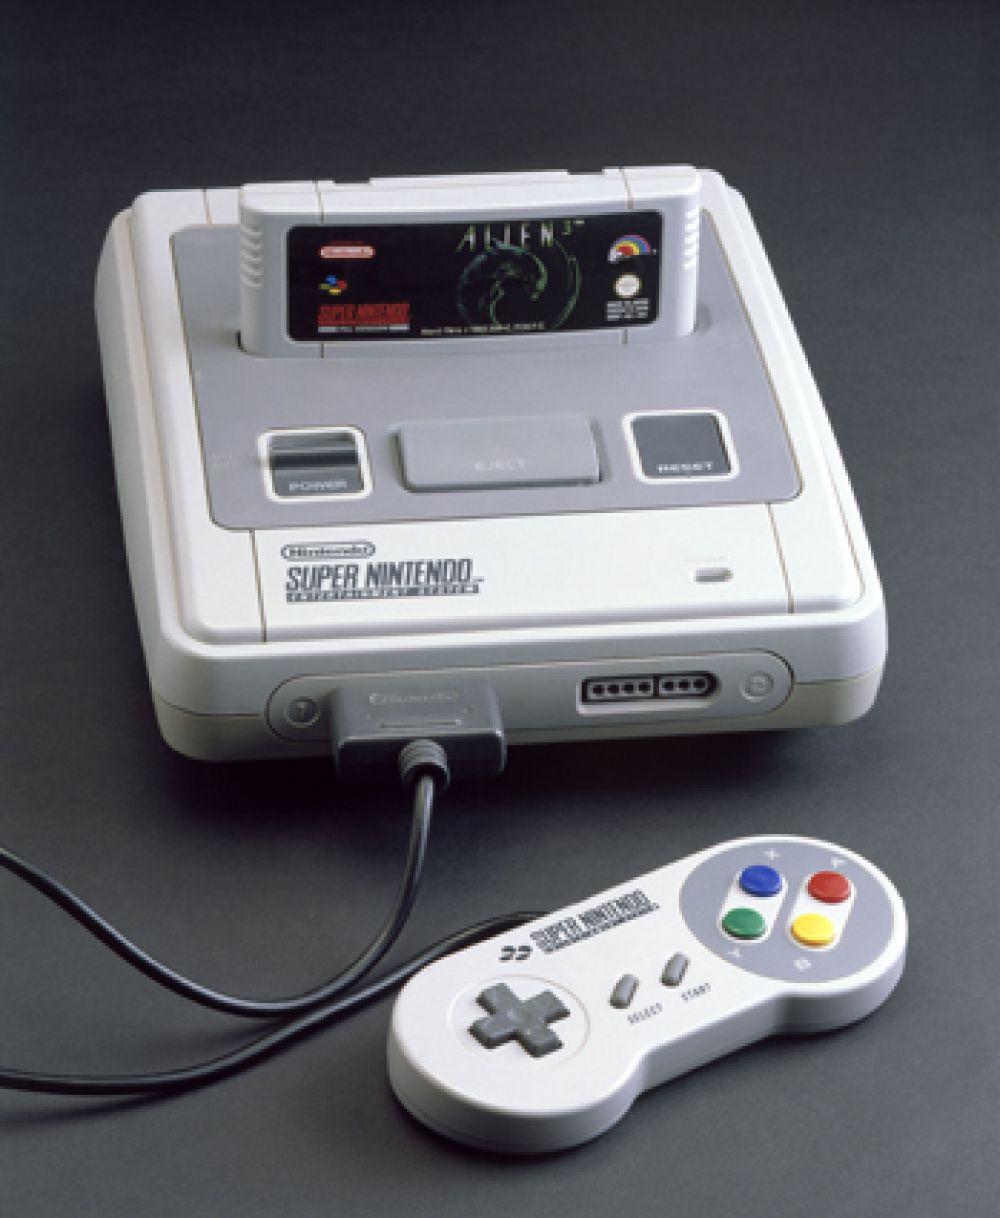 15-е место. Nintendo Entertainment System — восьмибитная игровая консоль, популярная во второй половине 1980-х и начале 1990-х годов, и больше известная в России как Dendy, по наиболее известному неофициальному клону.